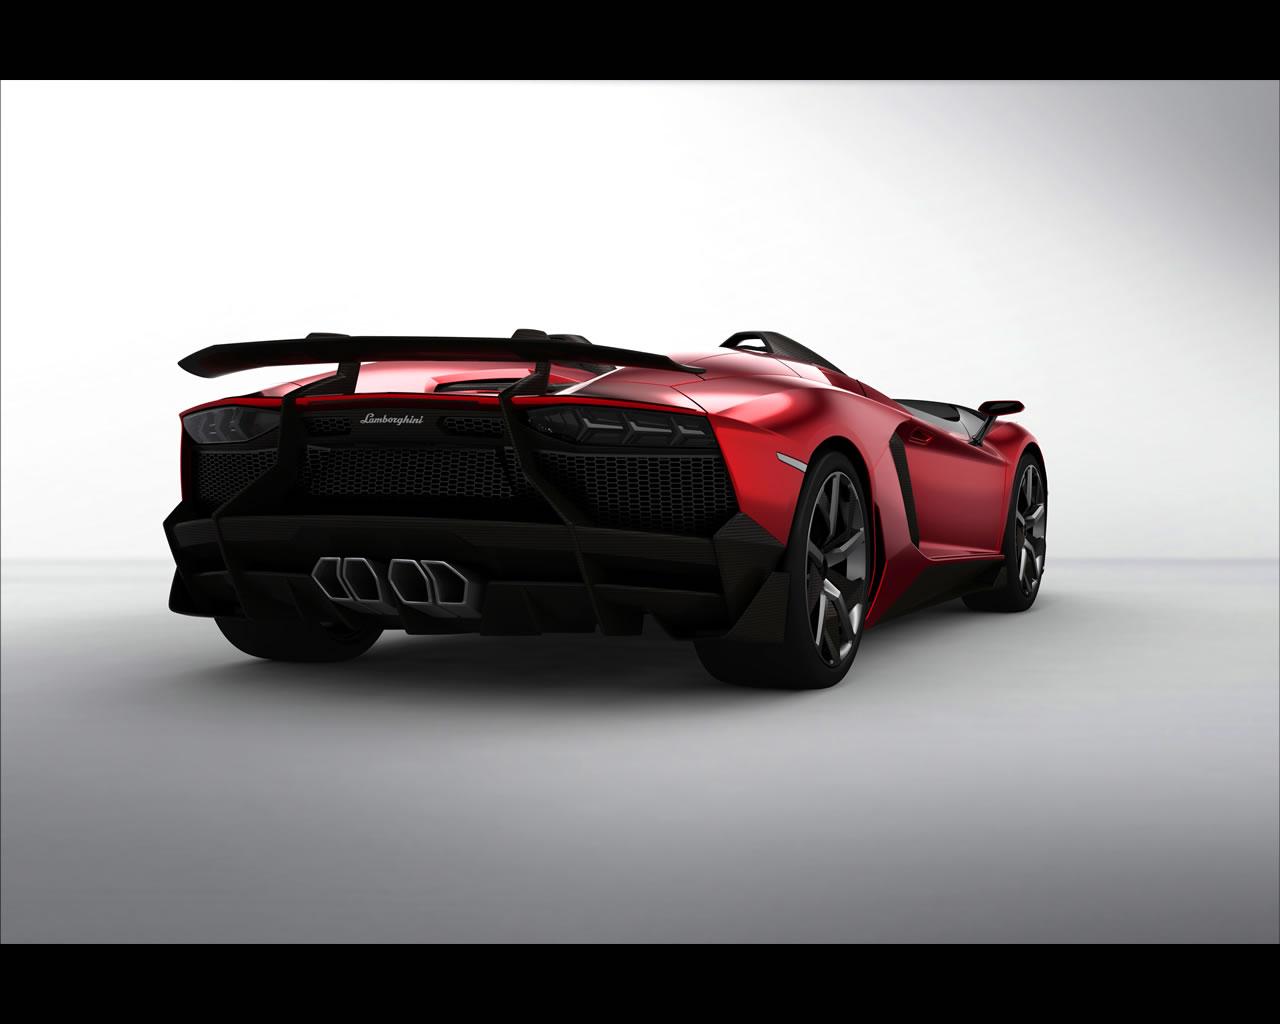 Lamborghini Aventador J 2012 on lamborghini cars 2030, lamborghini diablo 2030, lamborghini gallardo 2030, lamborghini concept 2030,